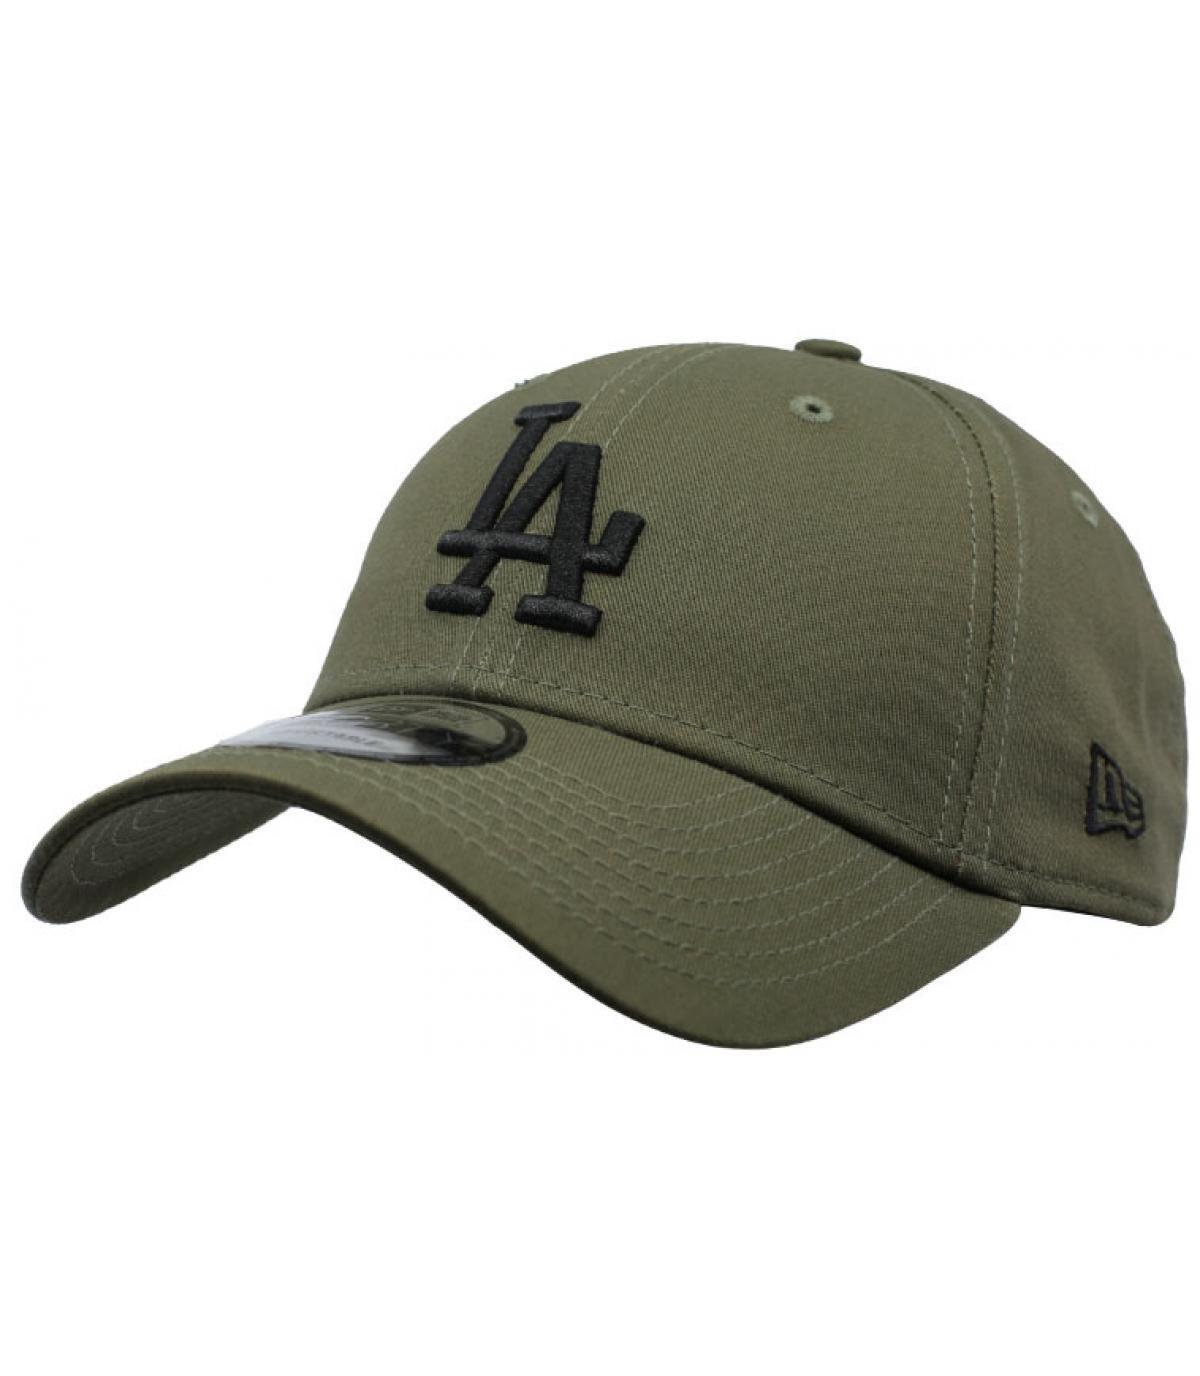 casquette LA vert gris